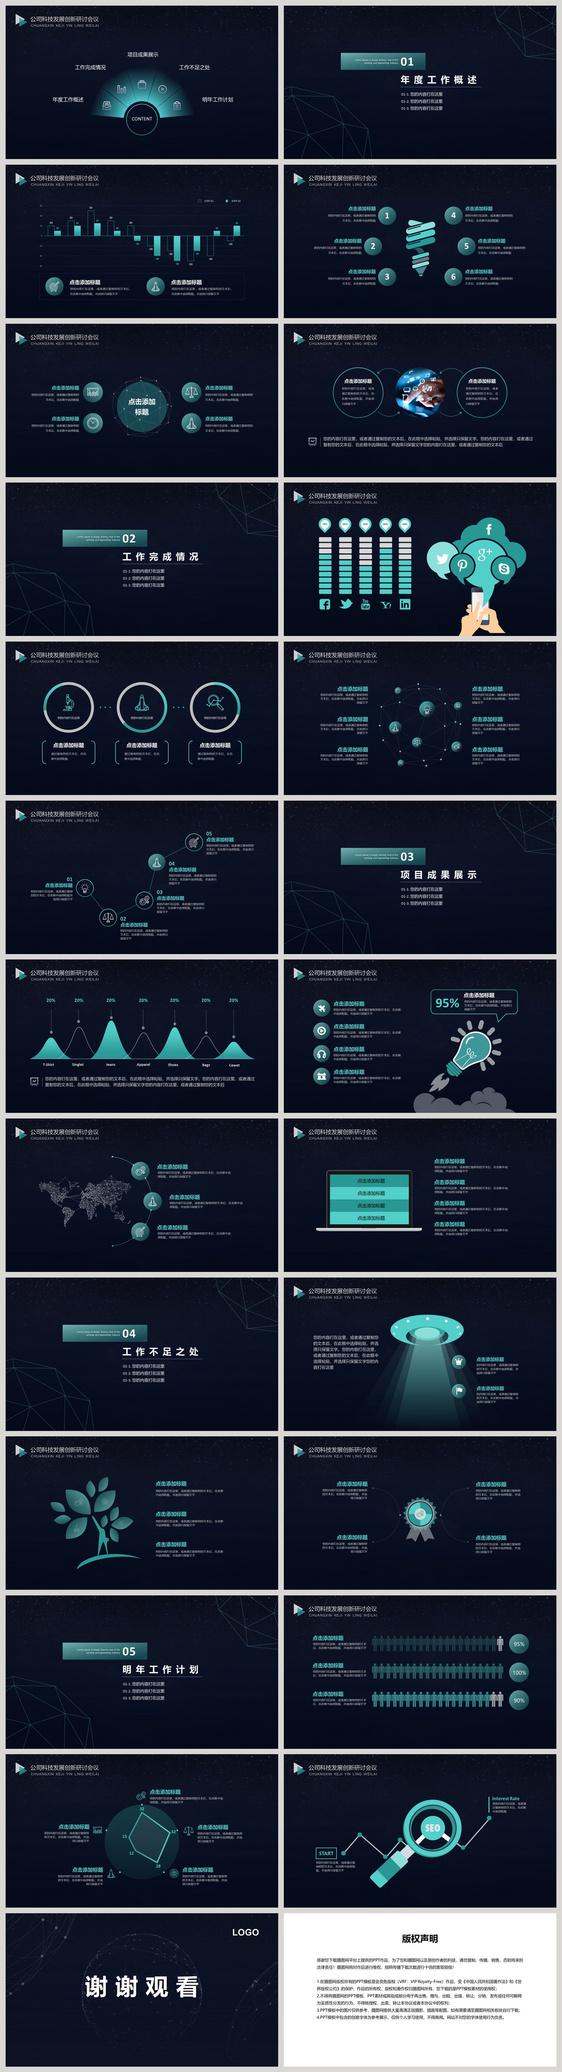 创新科技互联网研讨会PPT模板